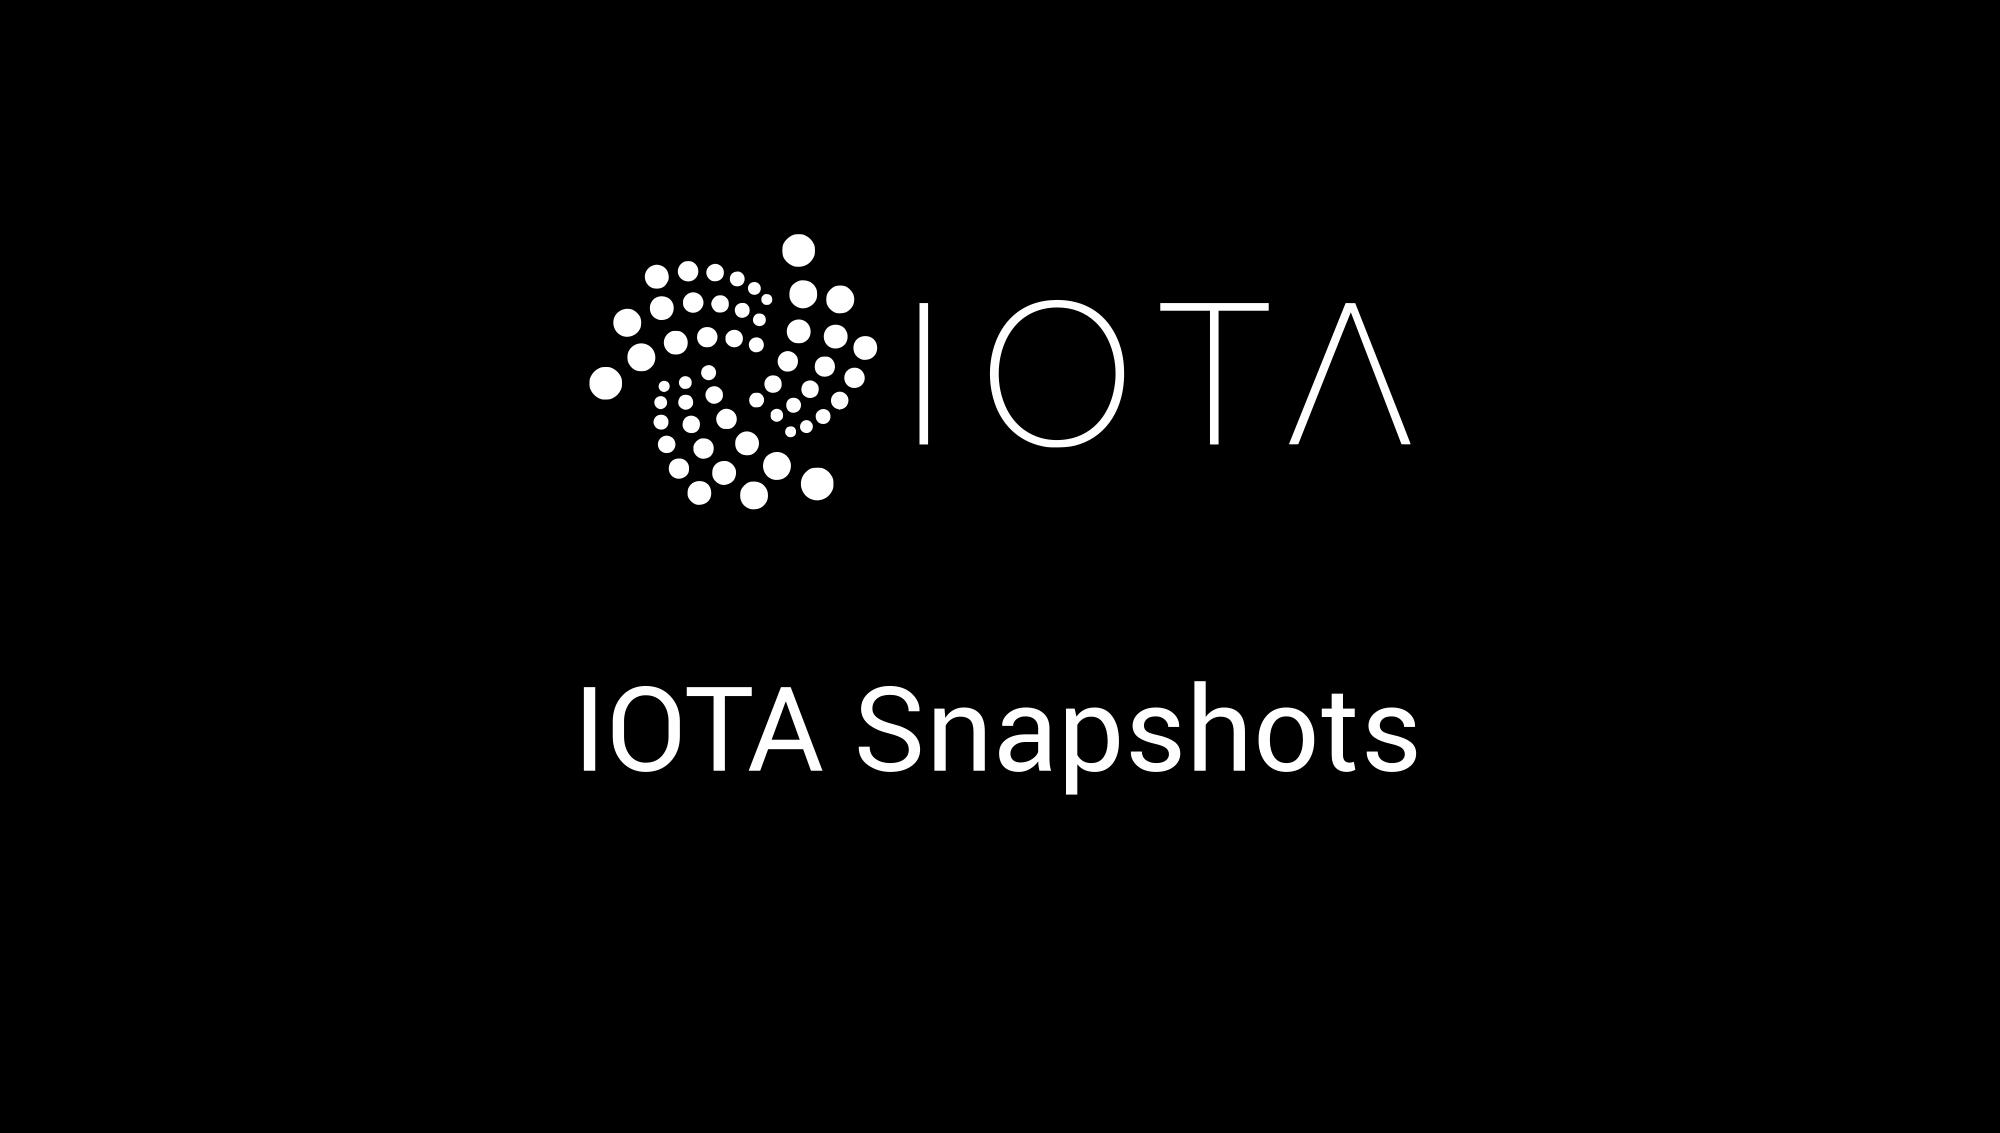 IOTA Snapshots